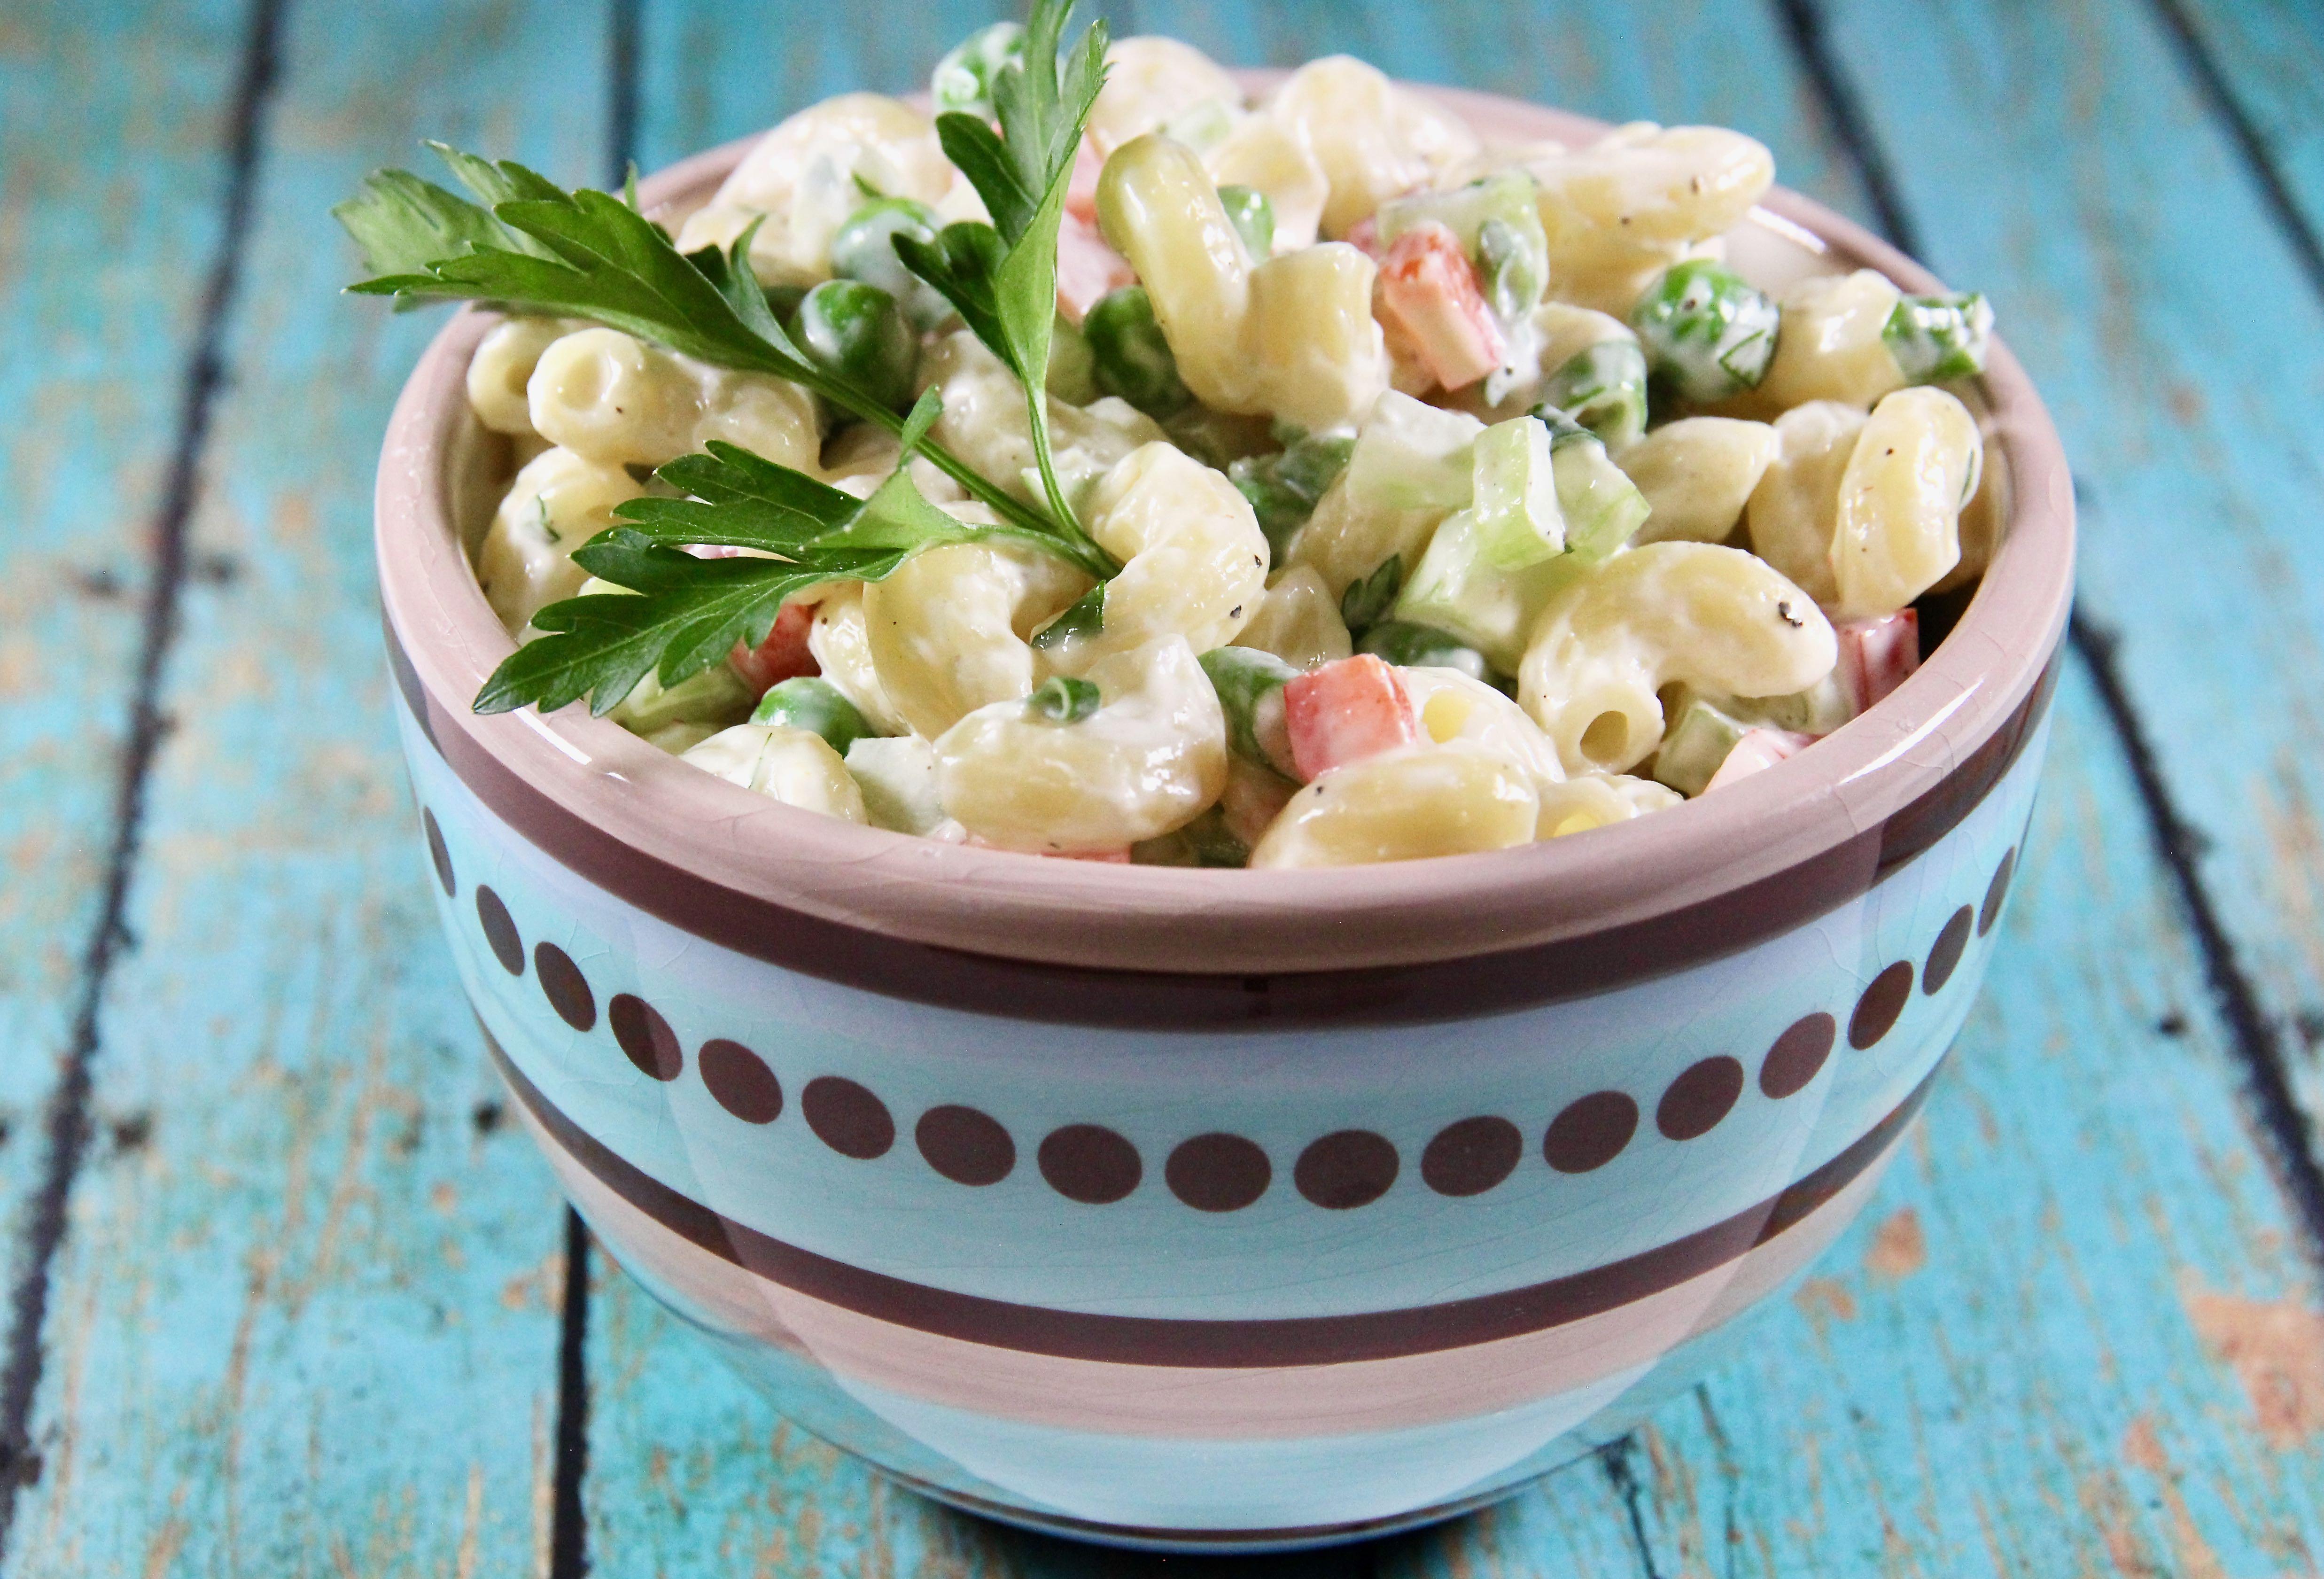 Macaroni Salad with Peas_image